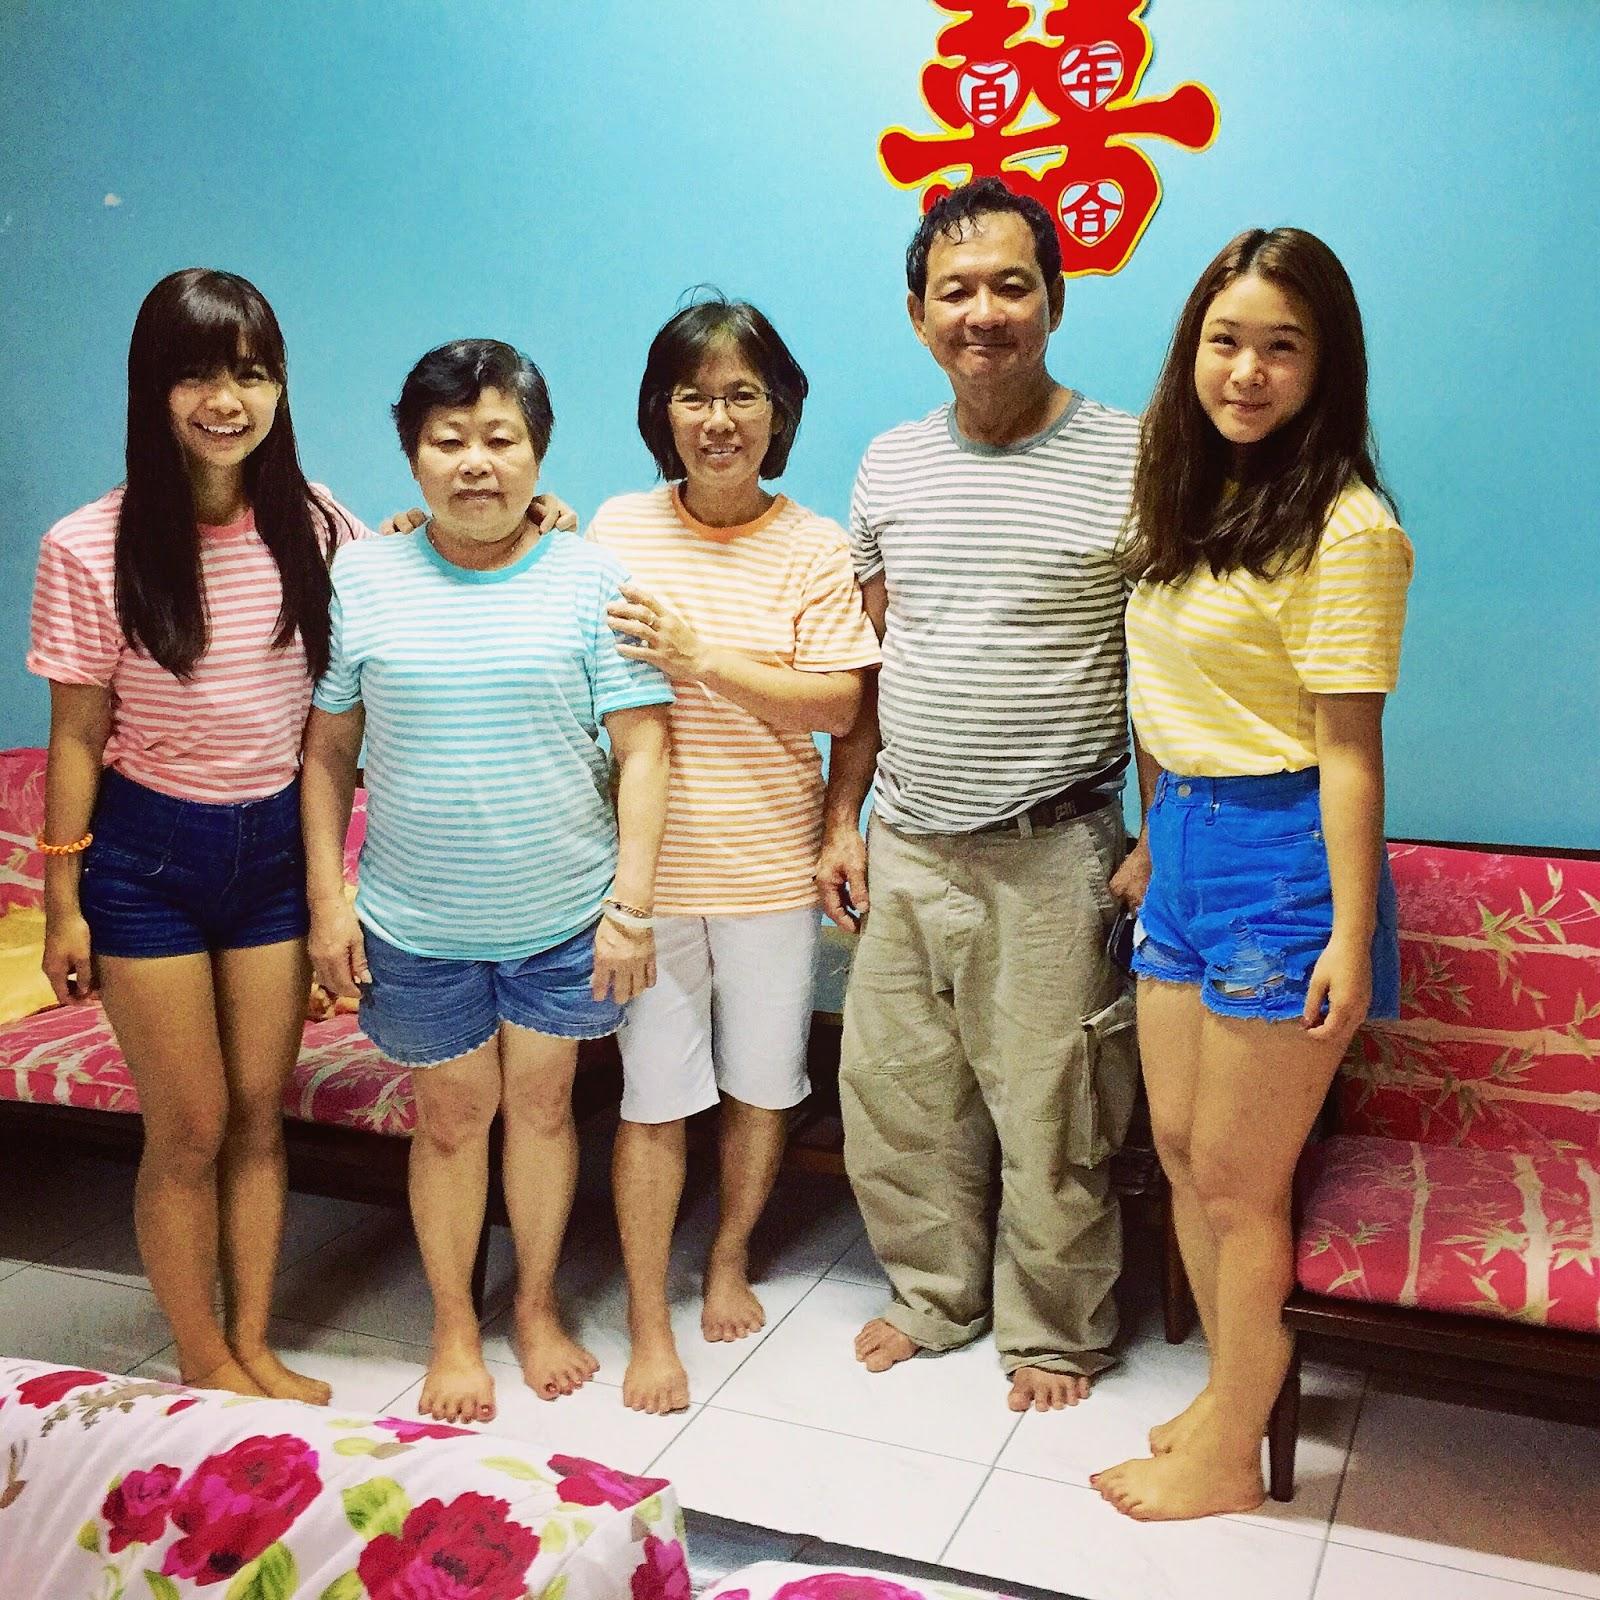 jjoyis family